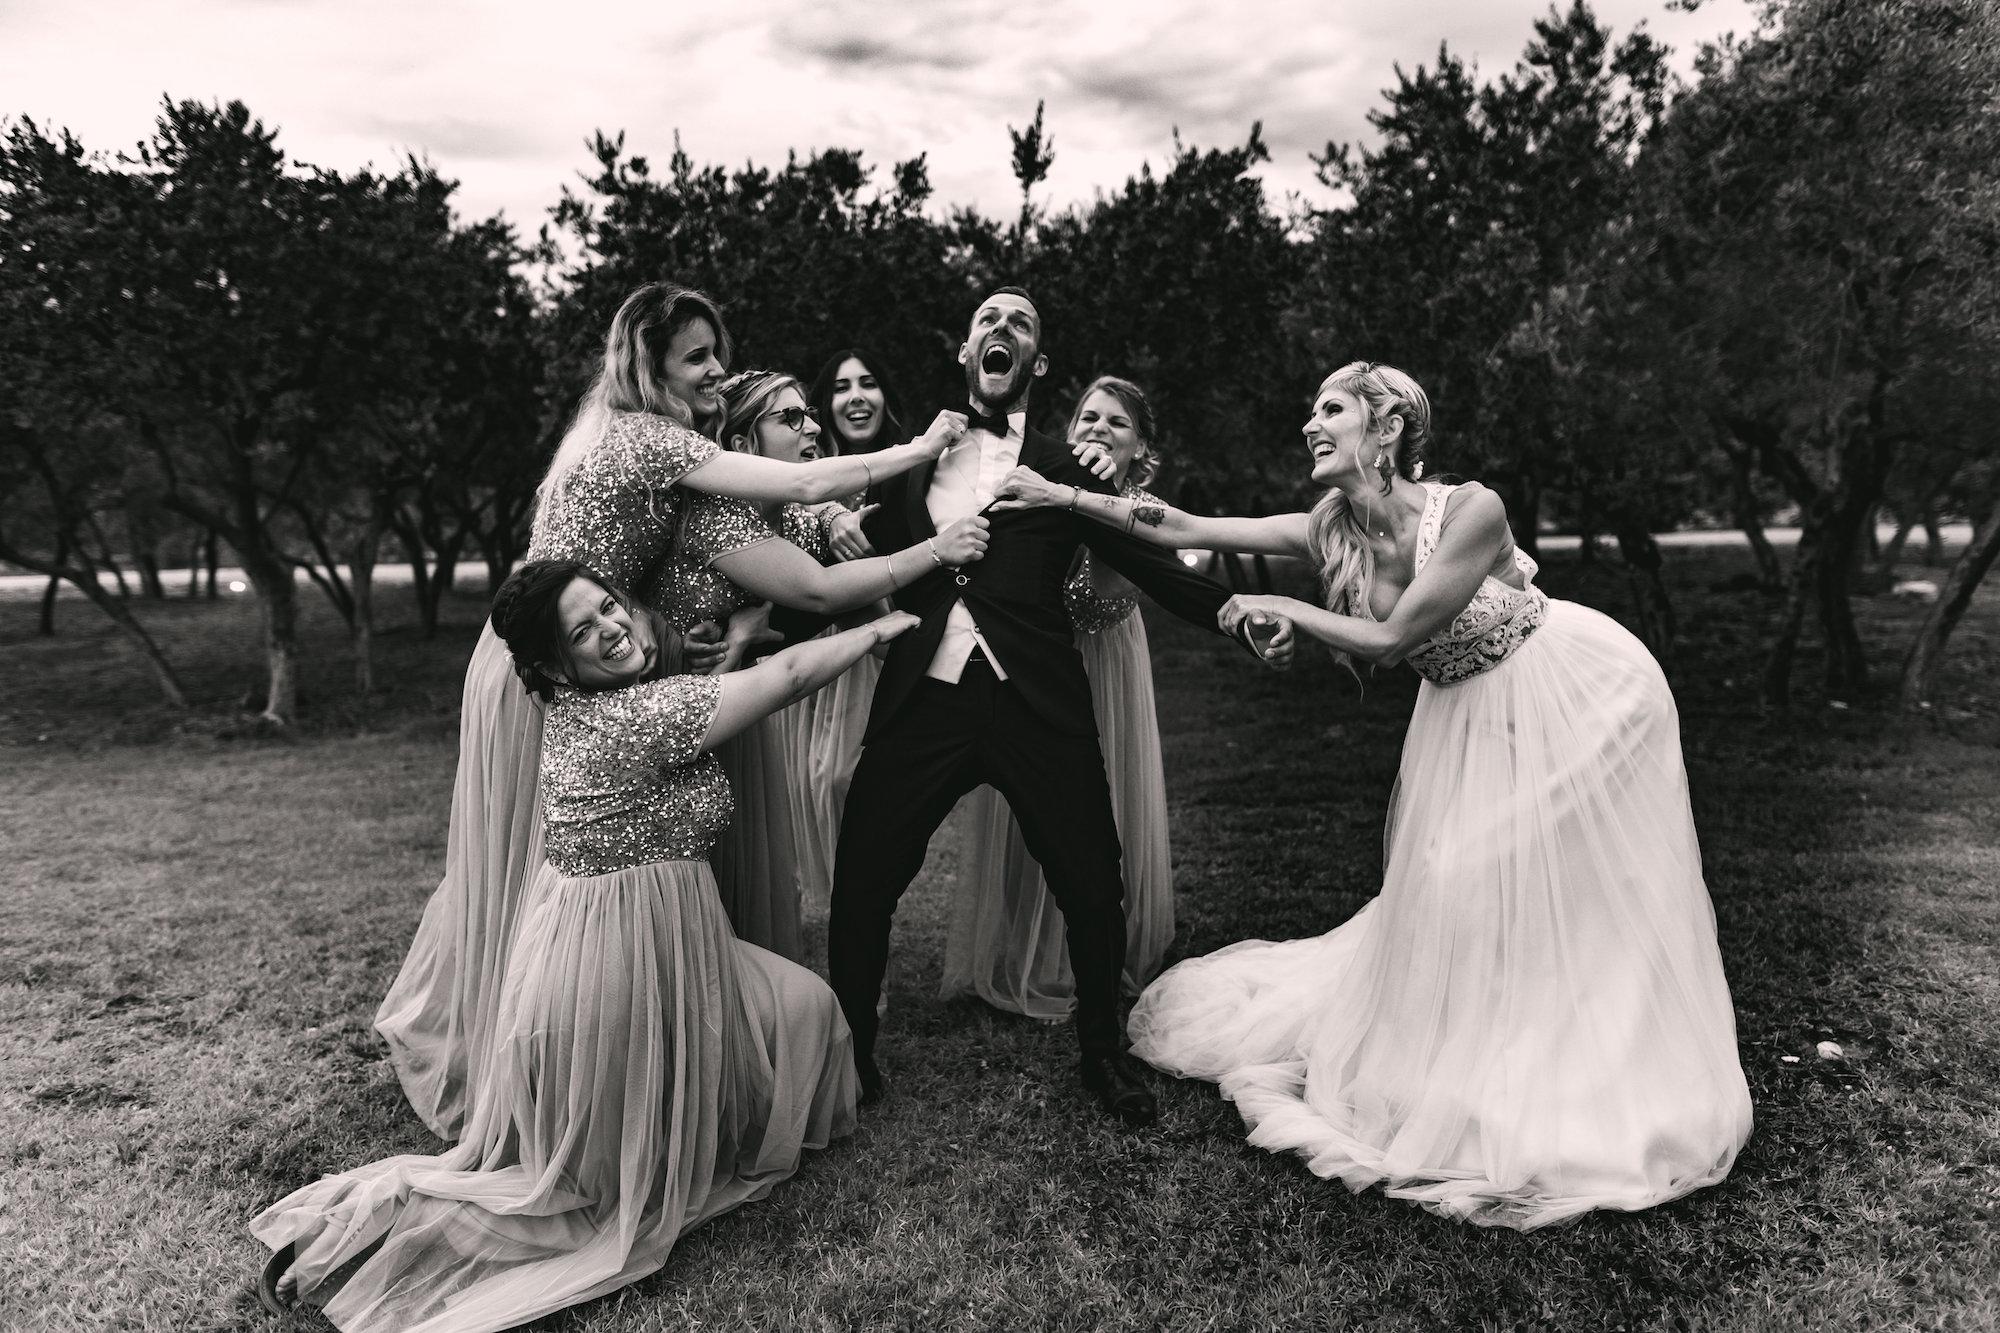 le coeur dans les etoiles - wedding planner - provence - luberon - alpilles - organisation - mariage - wedding - florine jeannot - demoiselles honneur